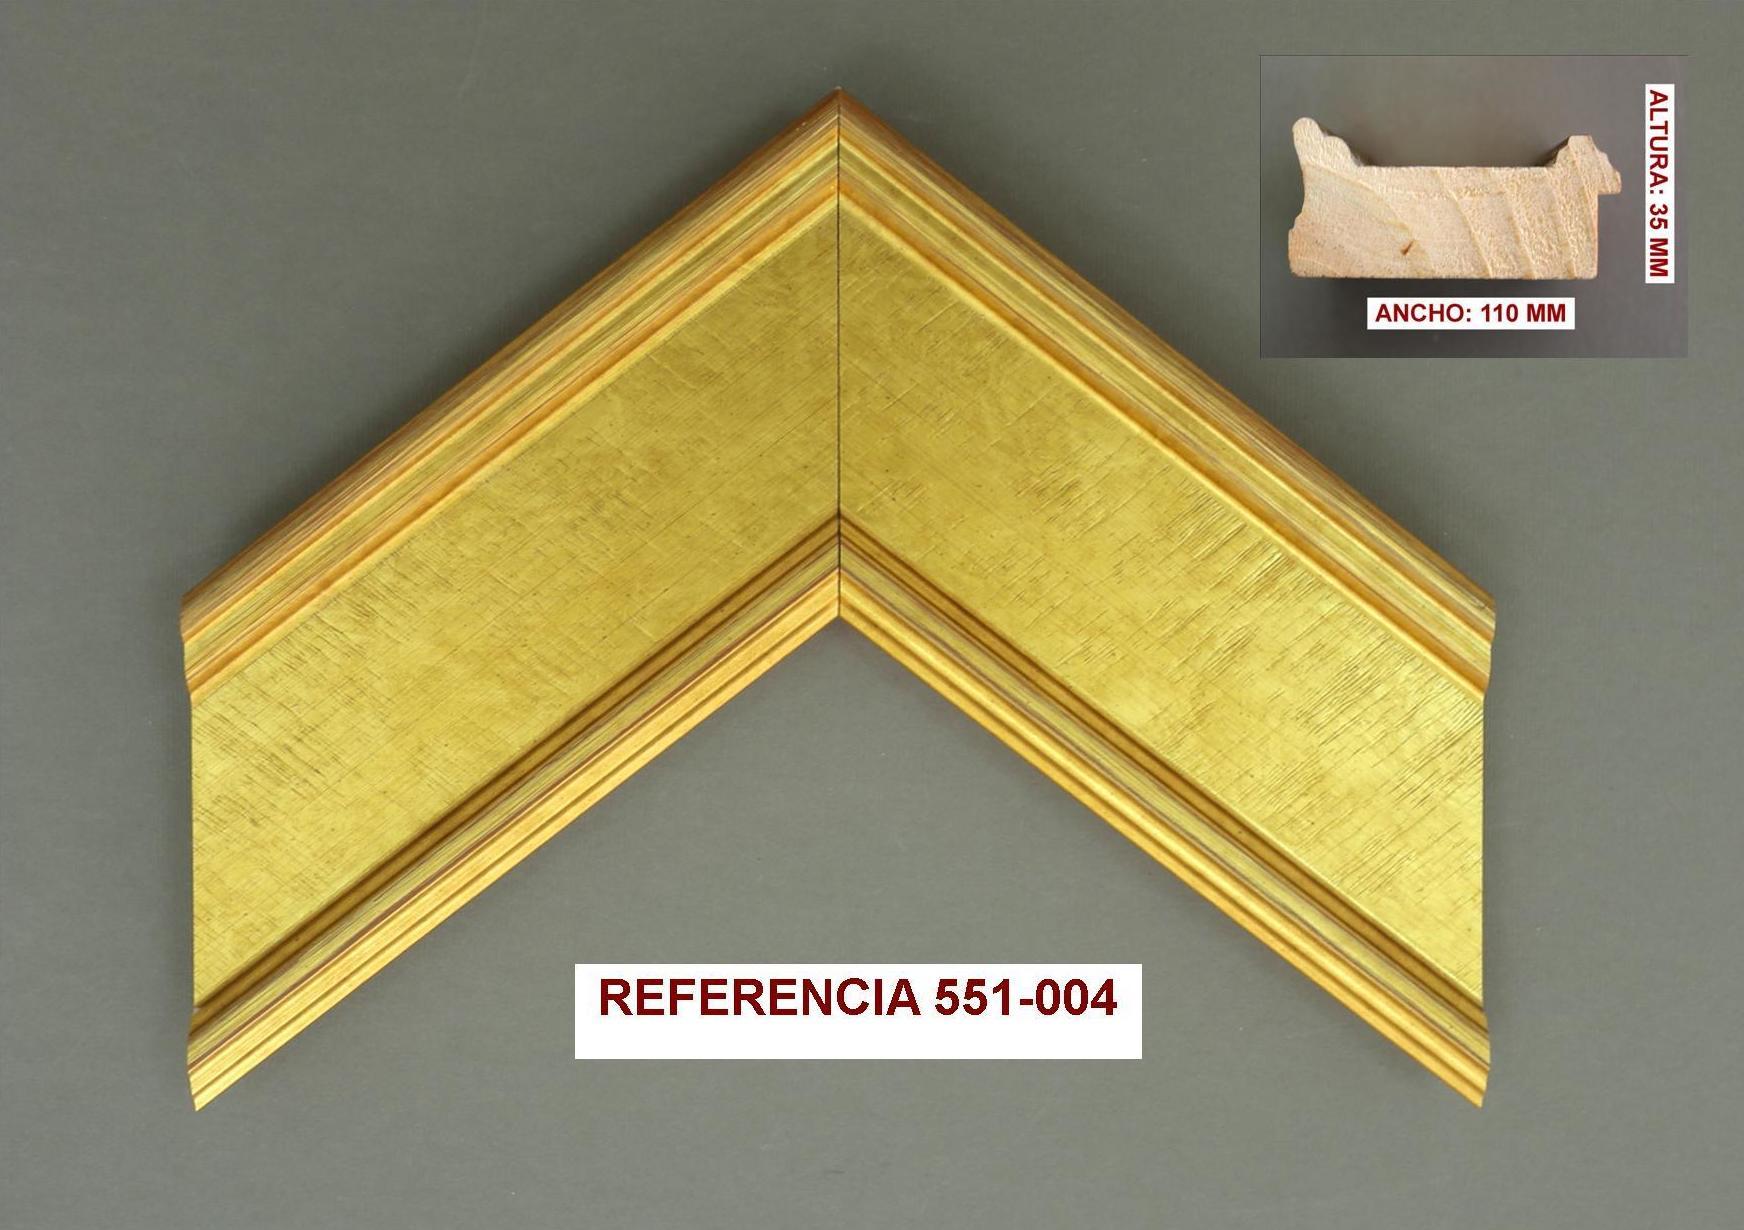 REF 551-004: Muestrario de Moldusevilla